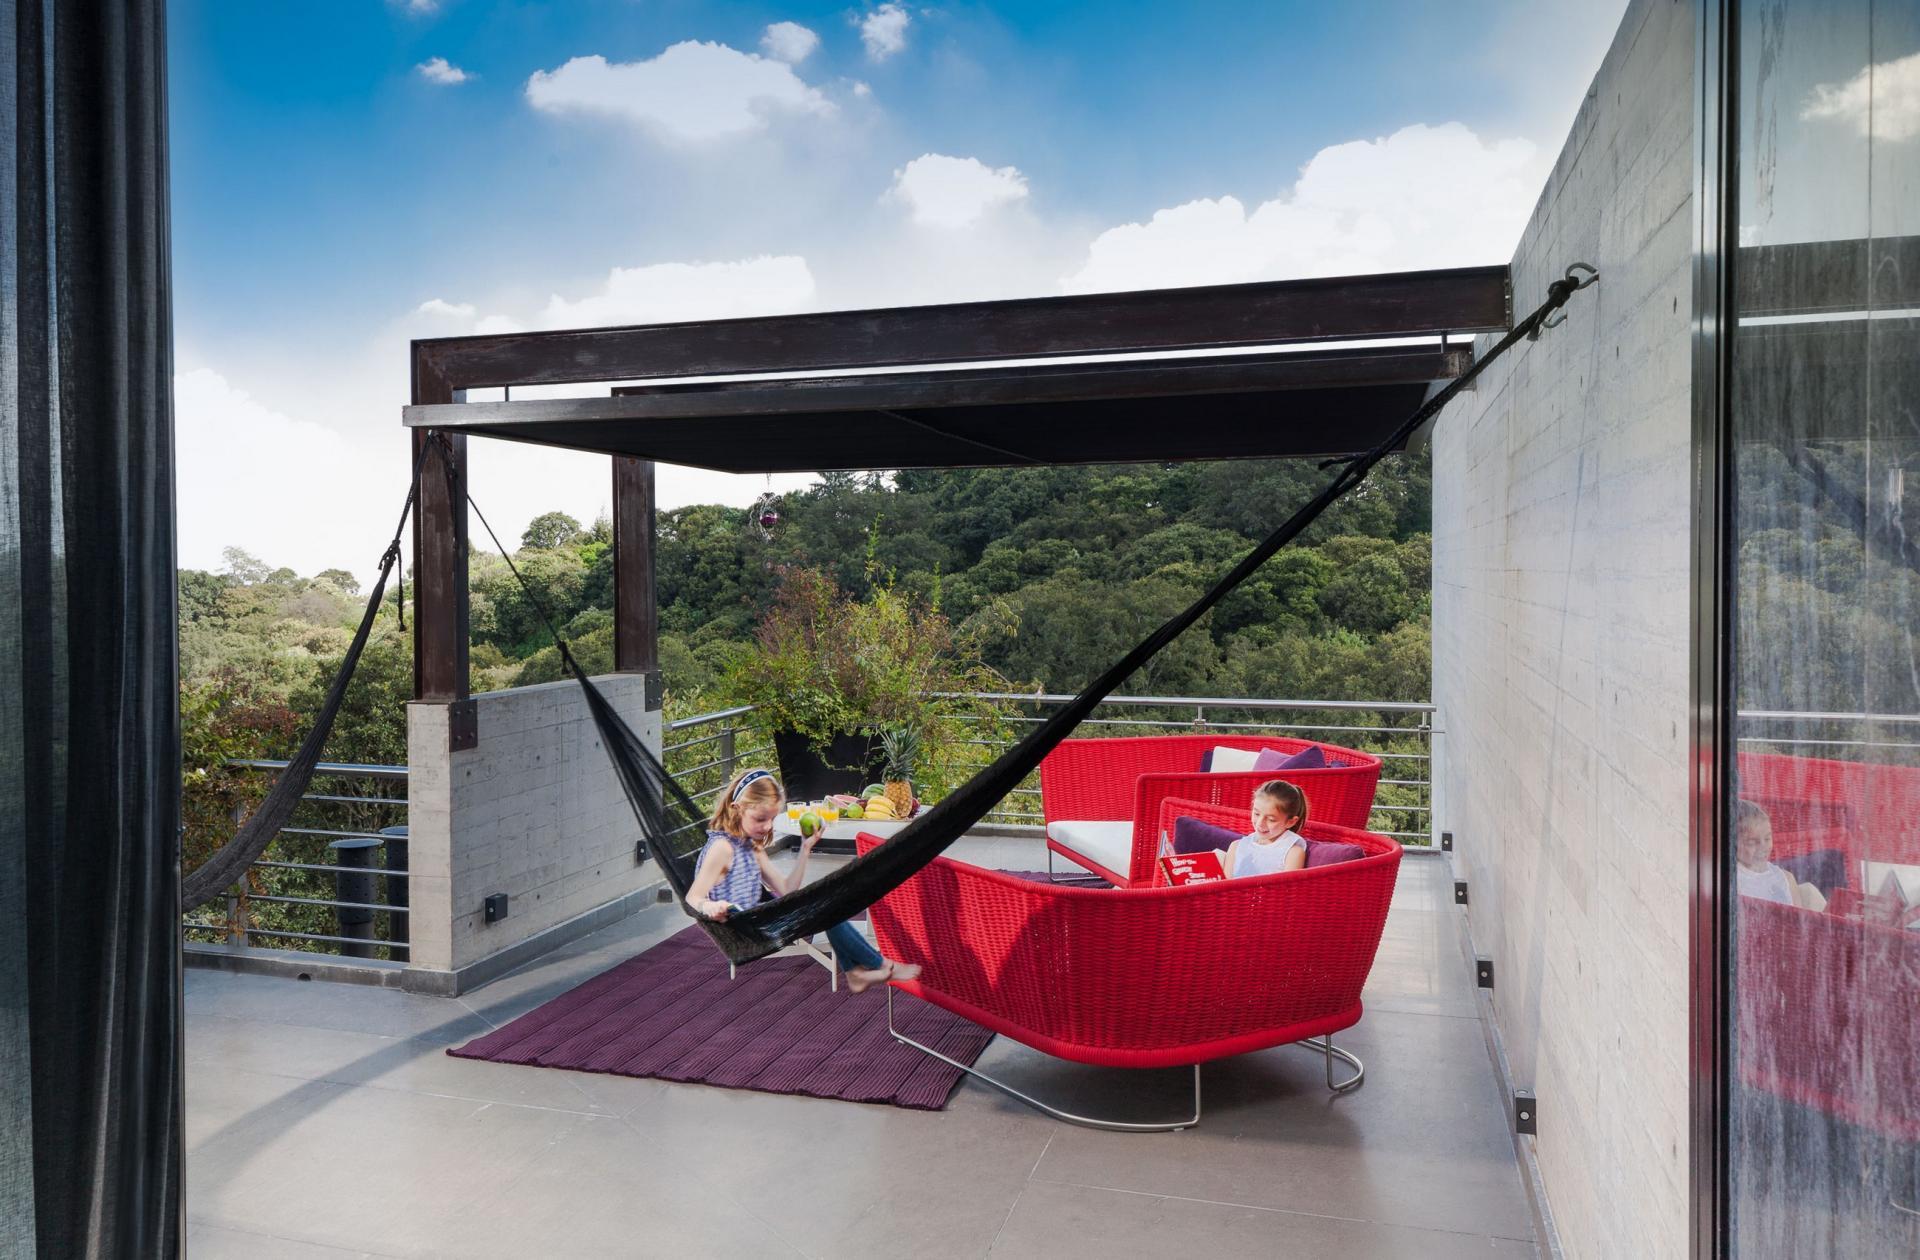 Casa Tepozcuautla - on the balcony